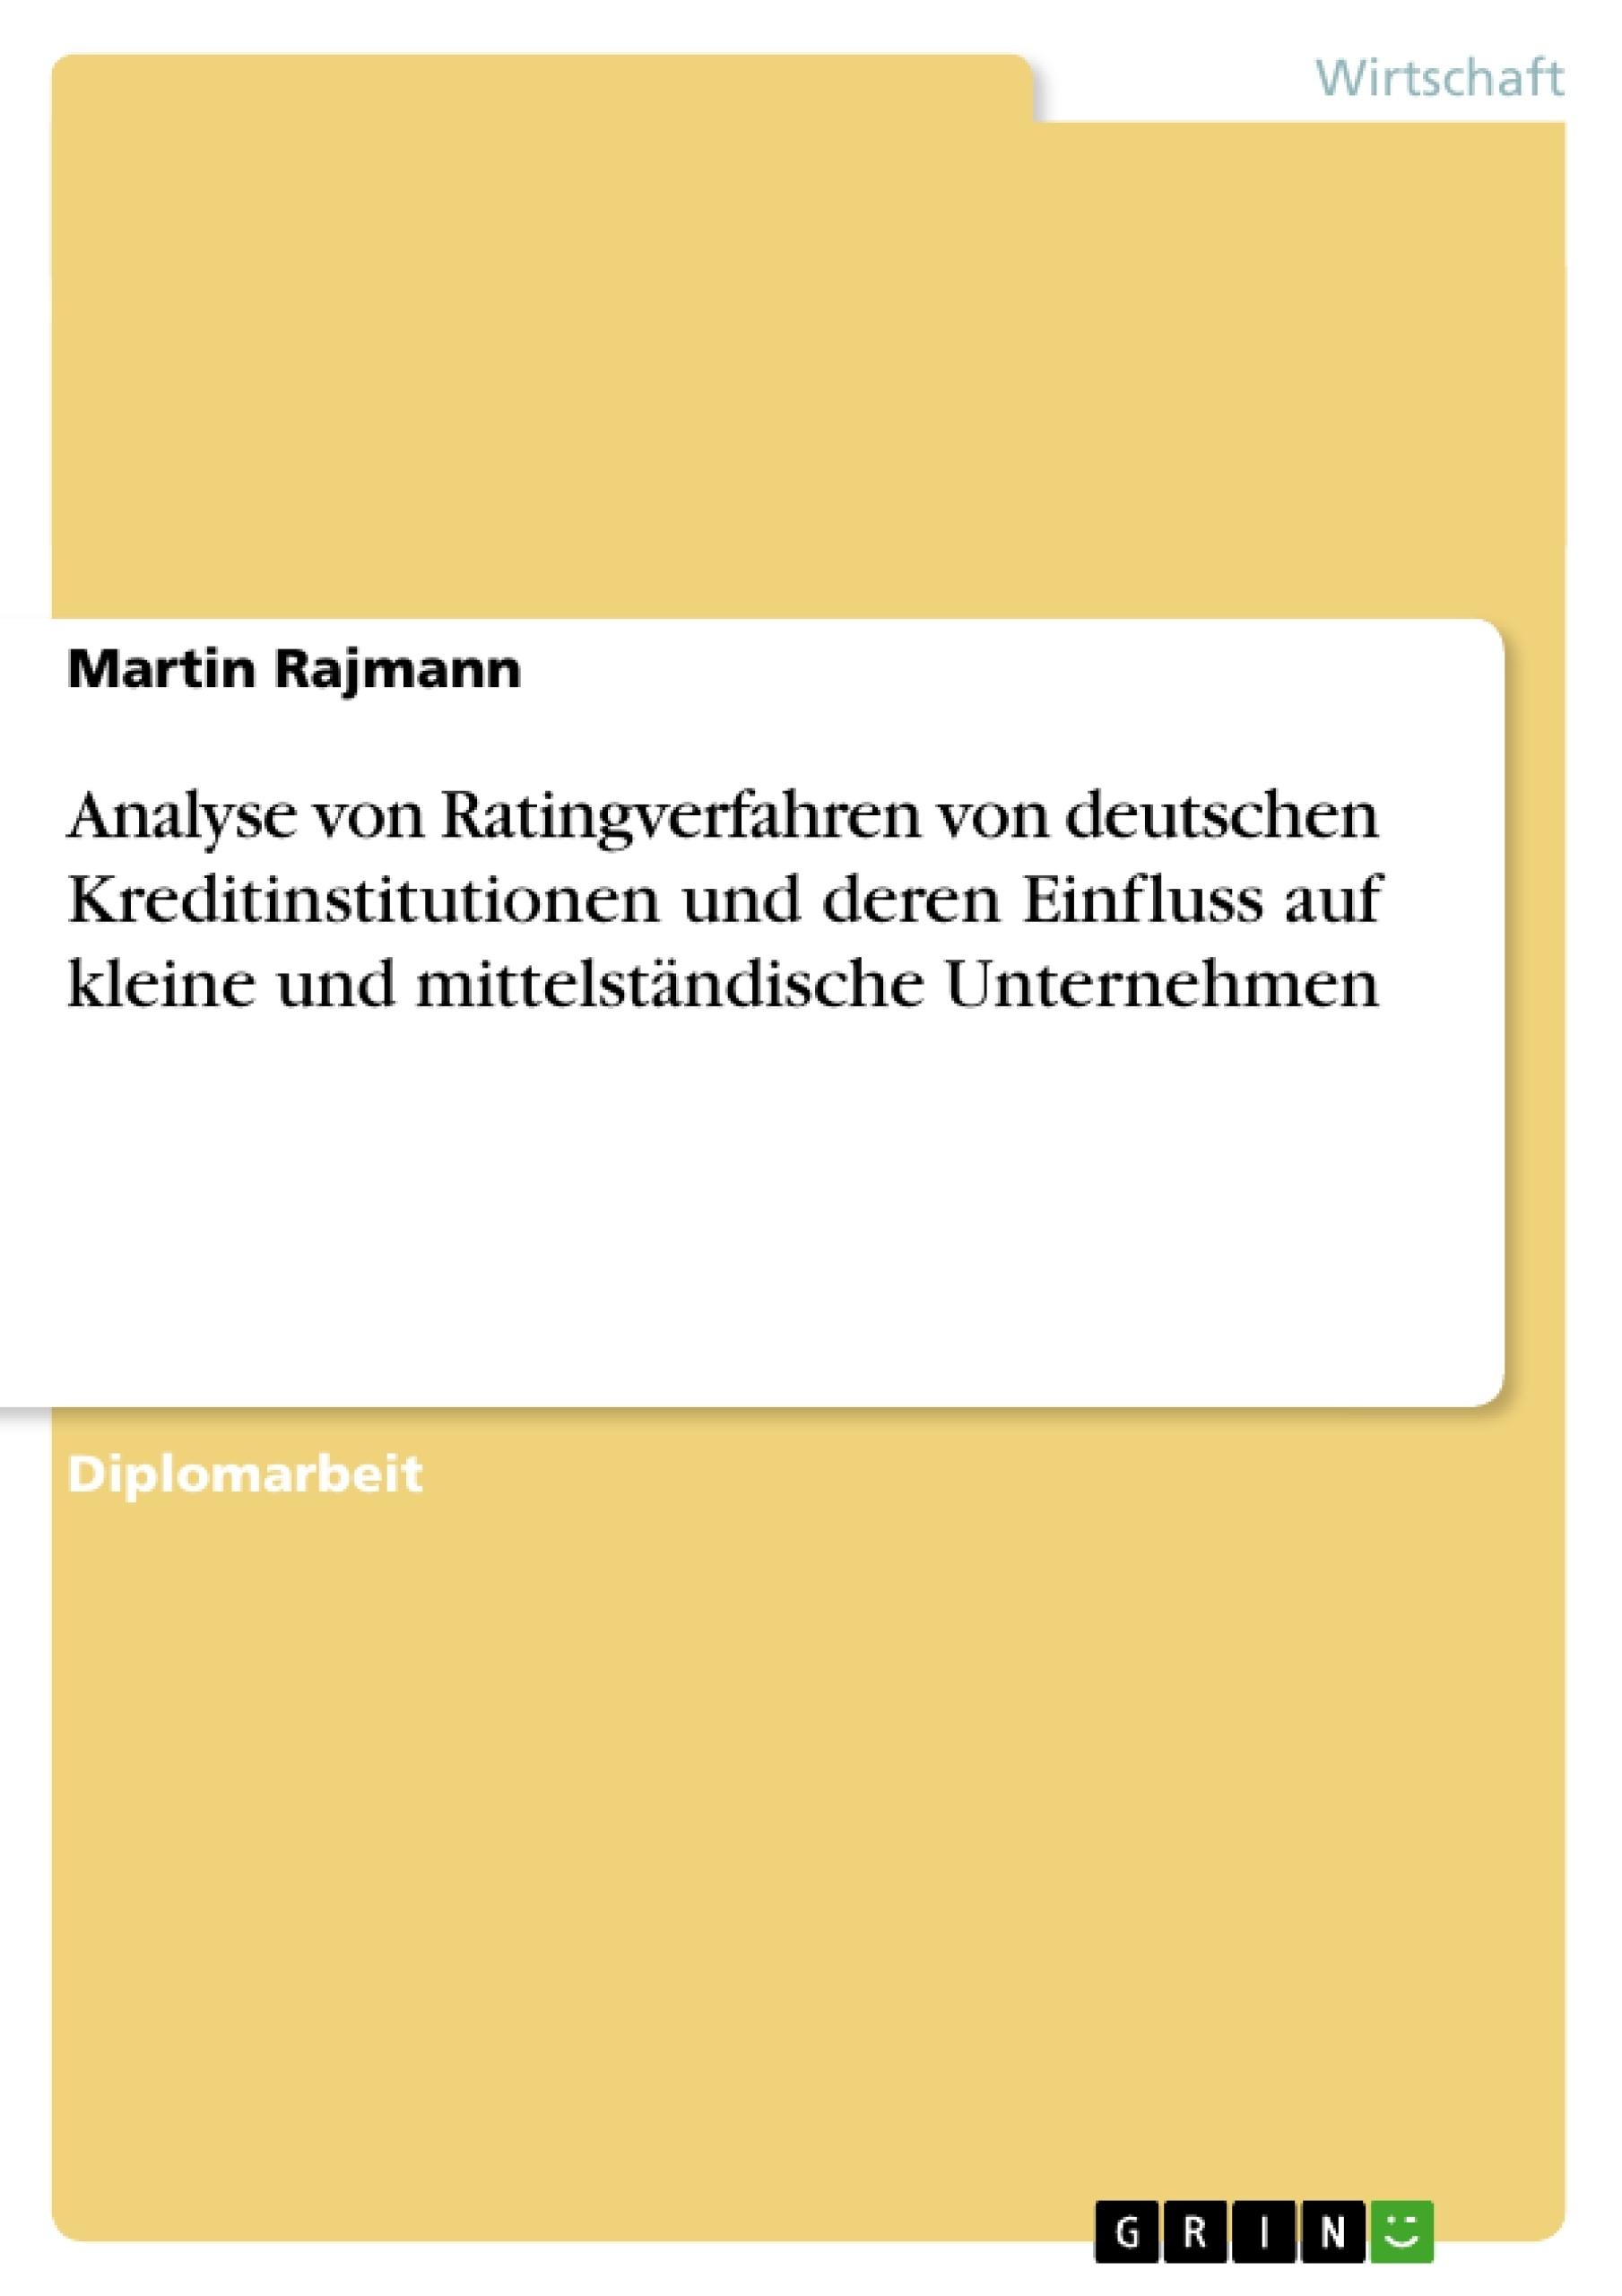 Titel: Analyse von Ratingverfahren von deutschen Kreditinstitutionen und deren Einfluss auf kleine und mittelständische Unternehmen